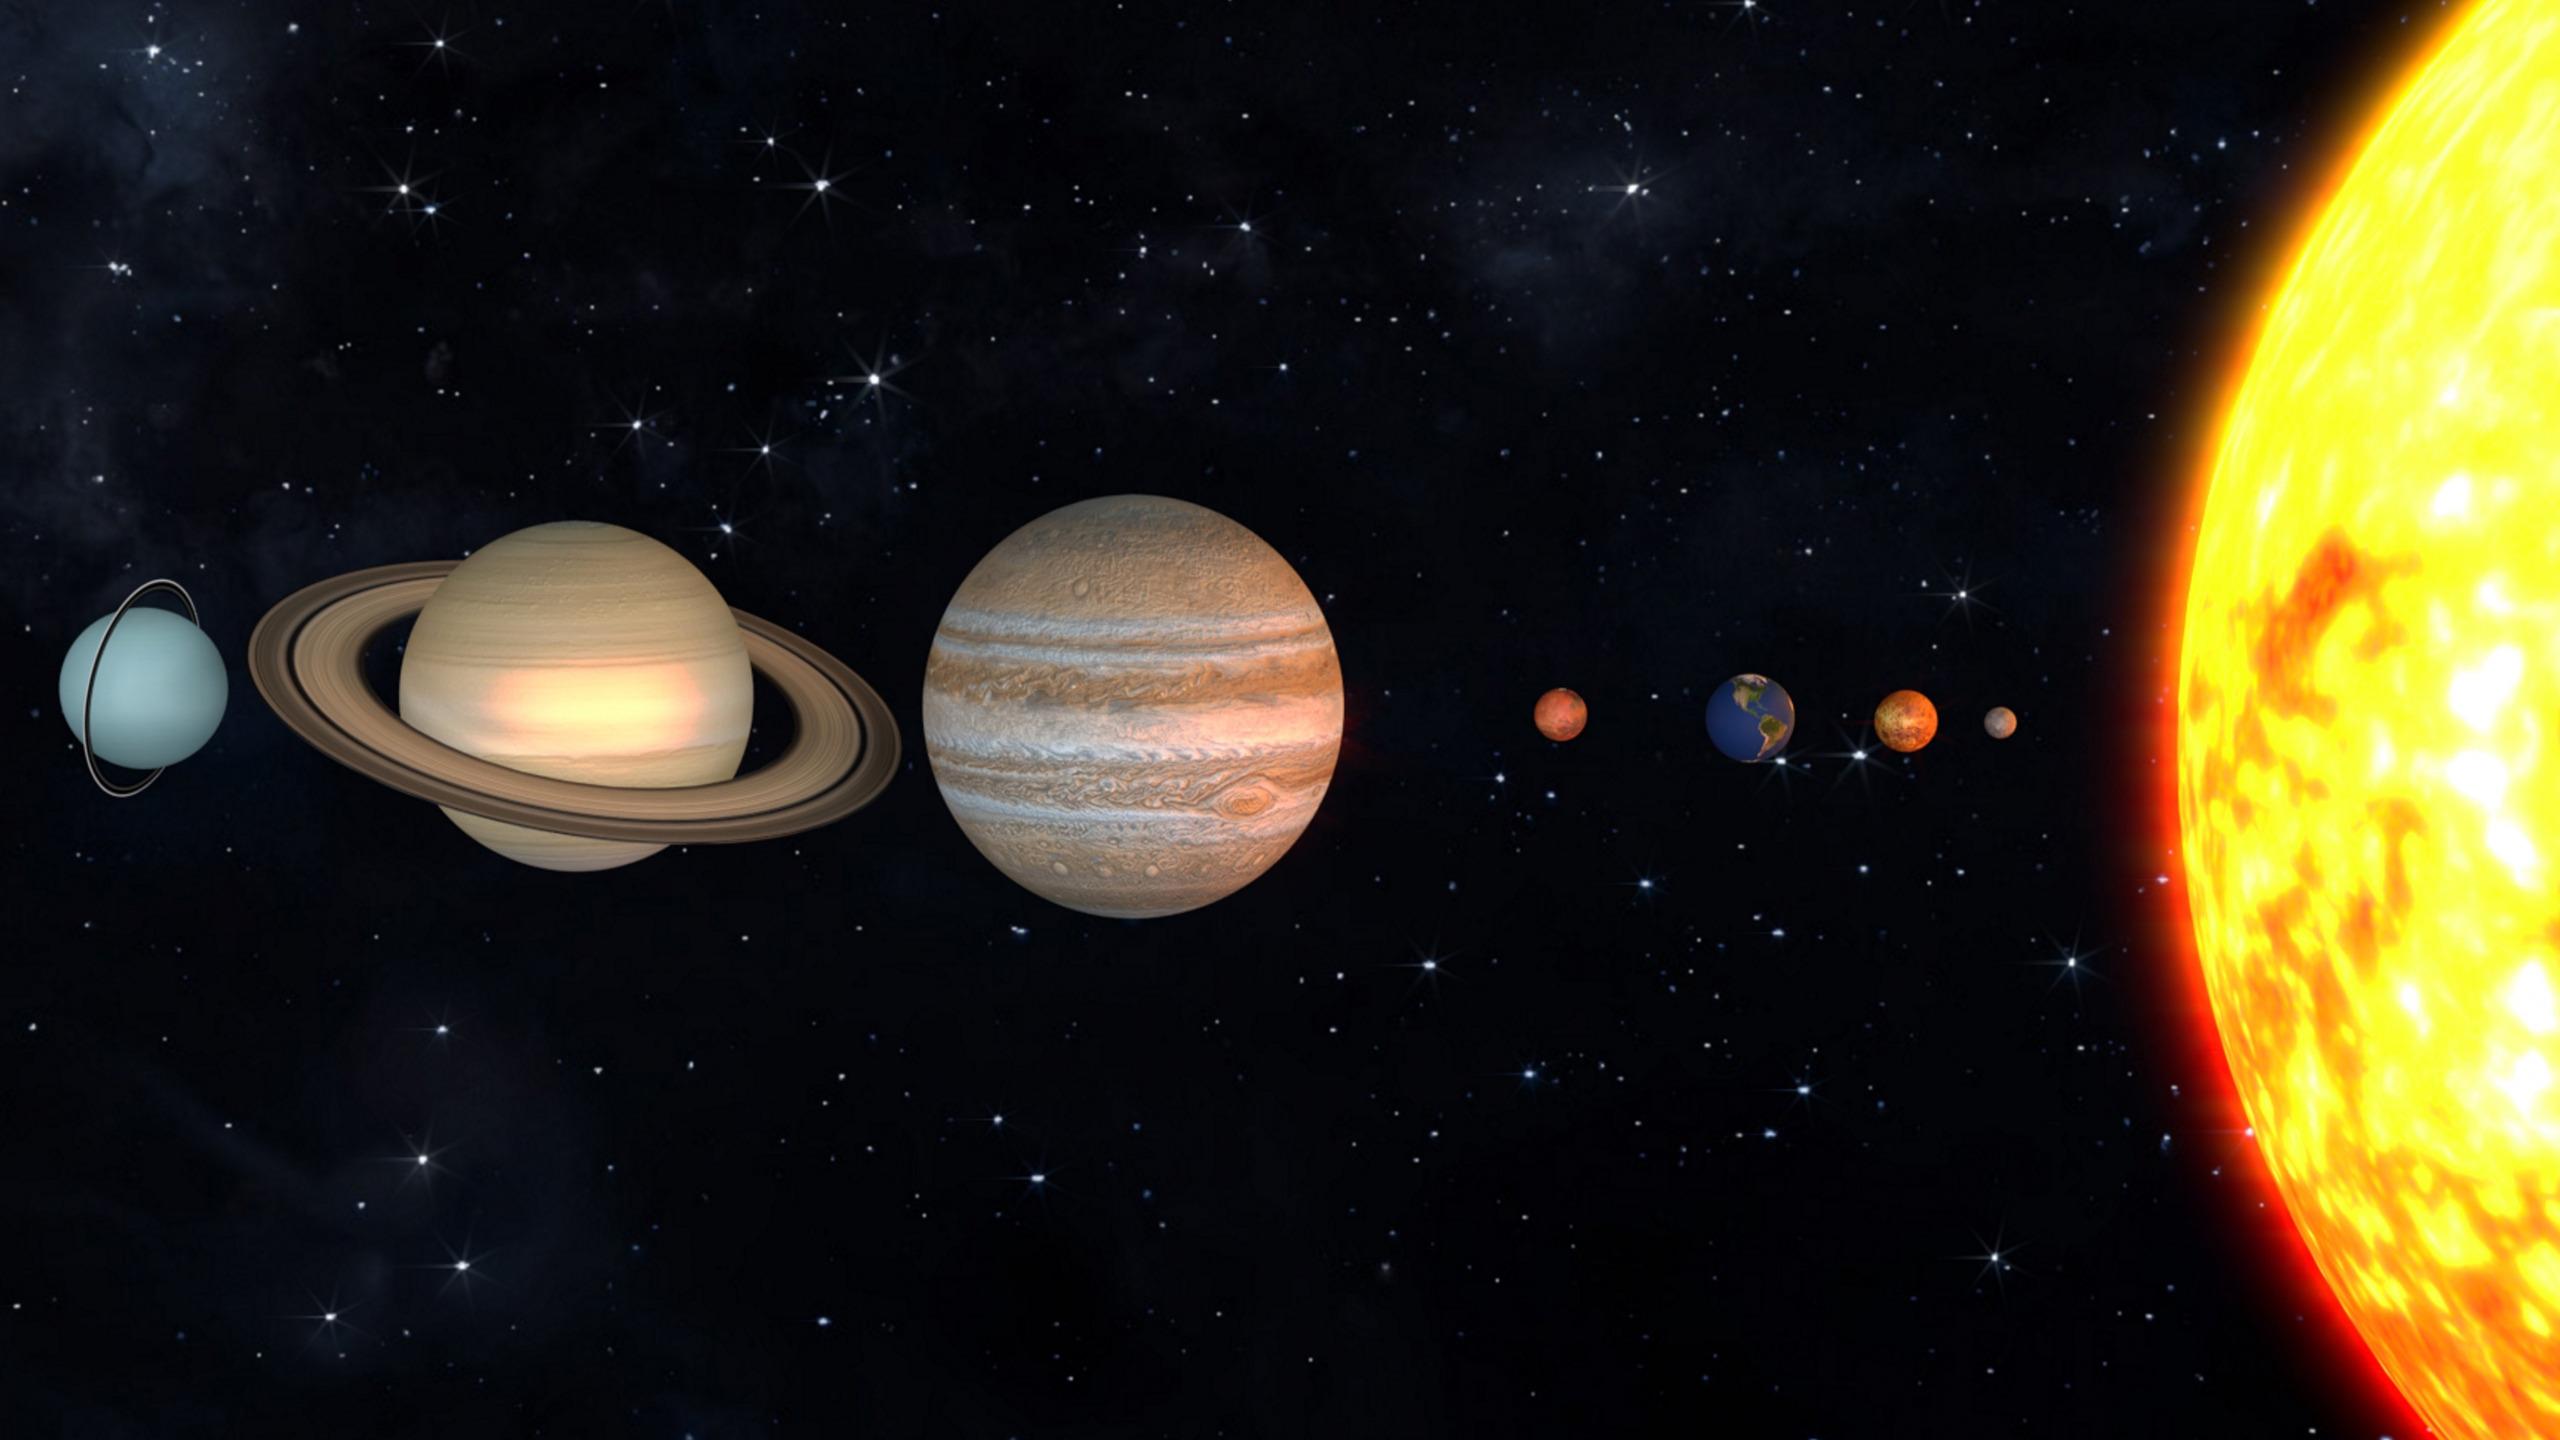 фото планет нашей солнечной системы стрижка подразумевает длинные